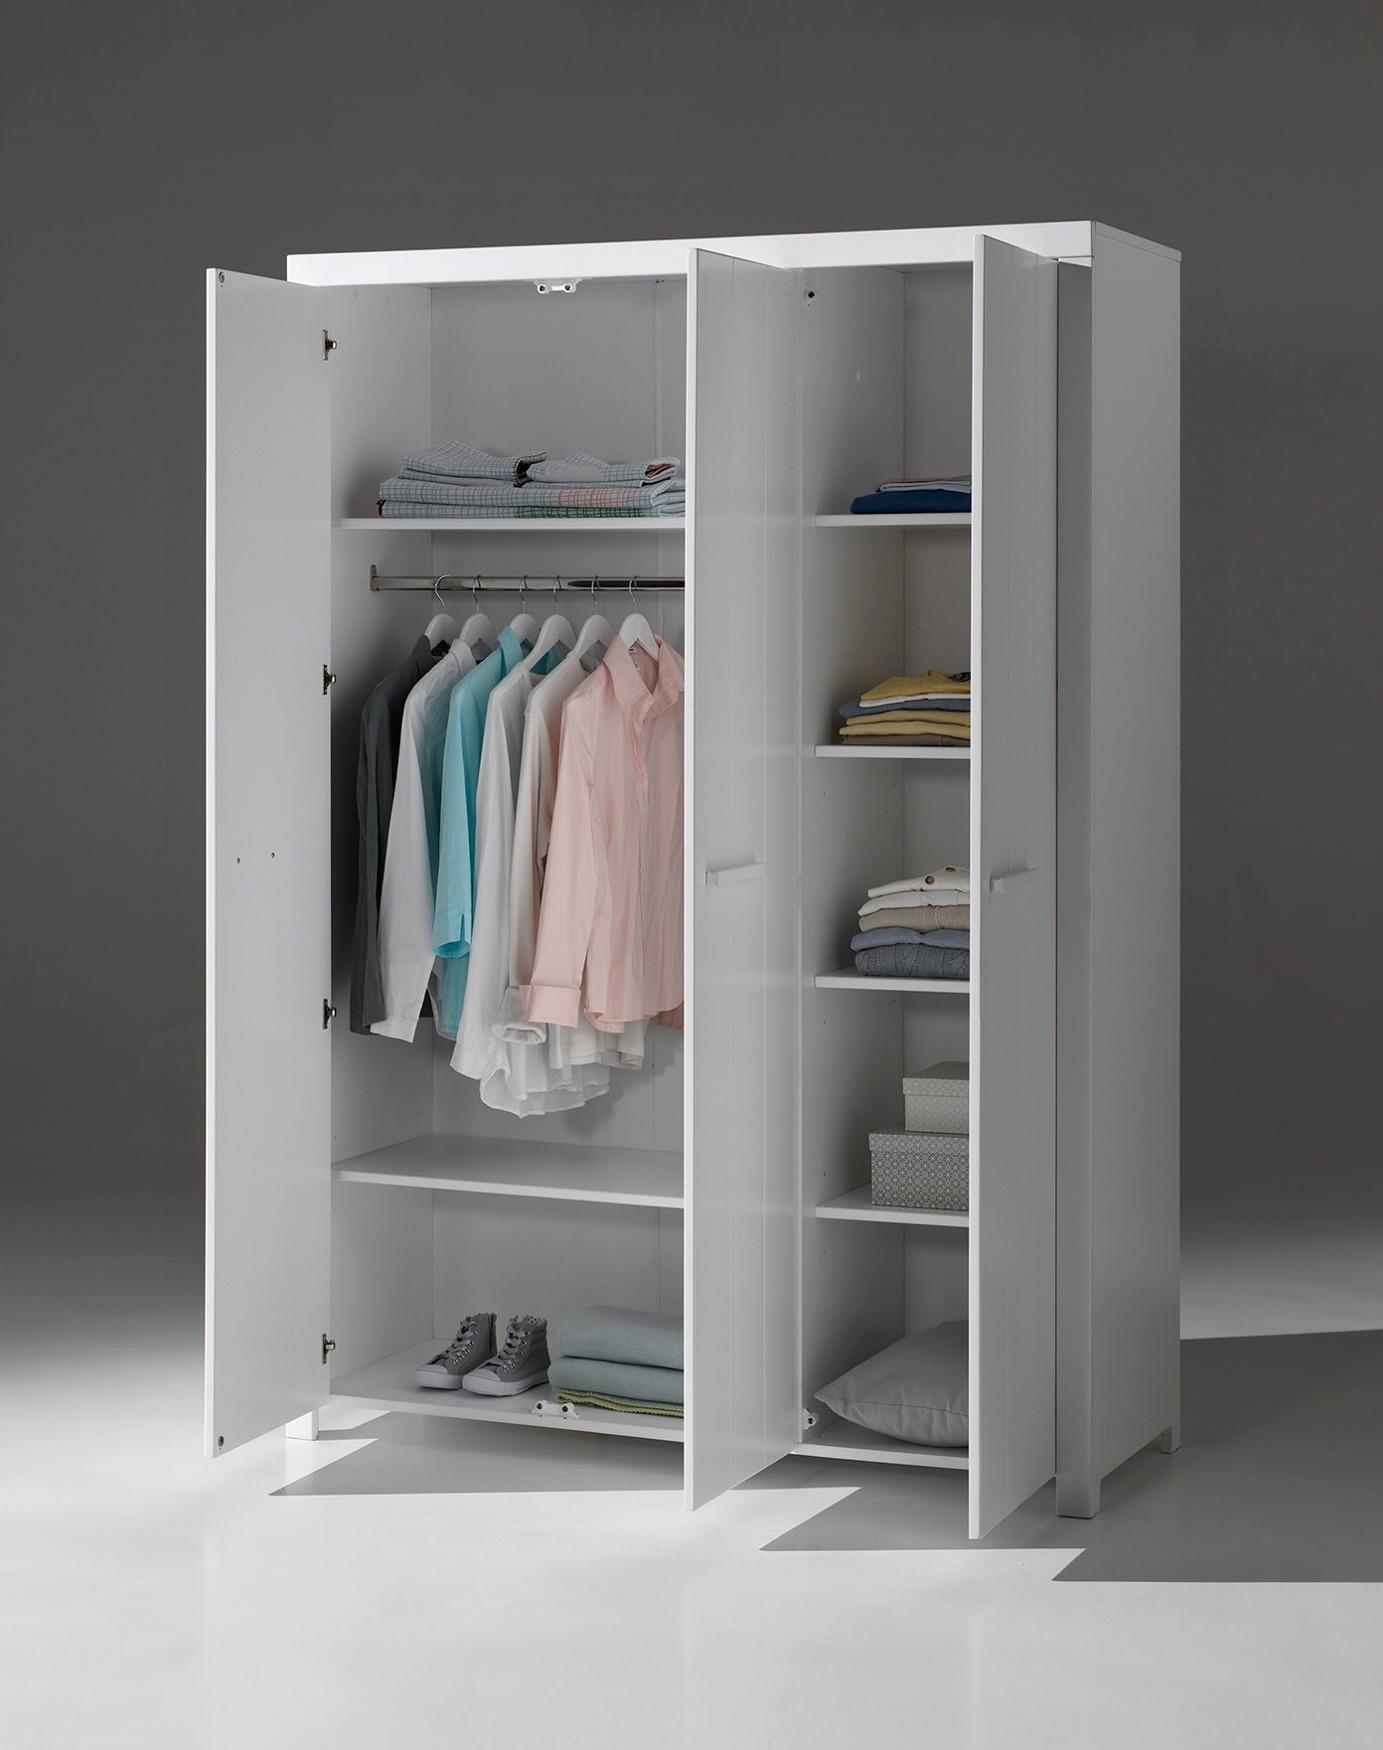 kleiderschrank erik 3 t rig wei kinder jugendzimmer kleiderschr nke. Black Bedroom Furniture Sets. Home Design Ideas